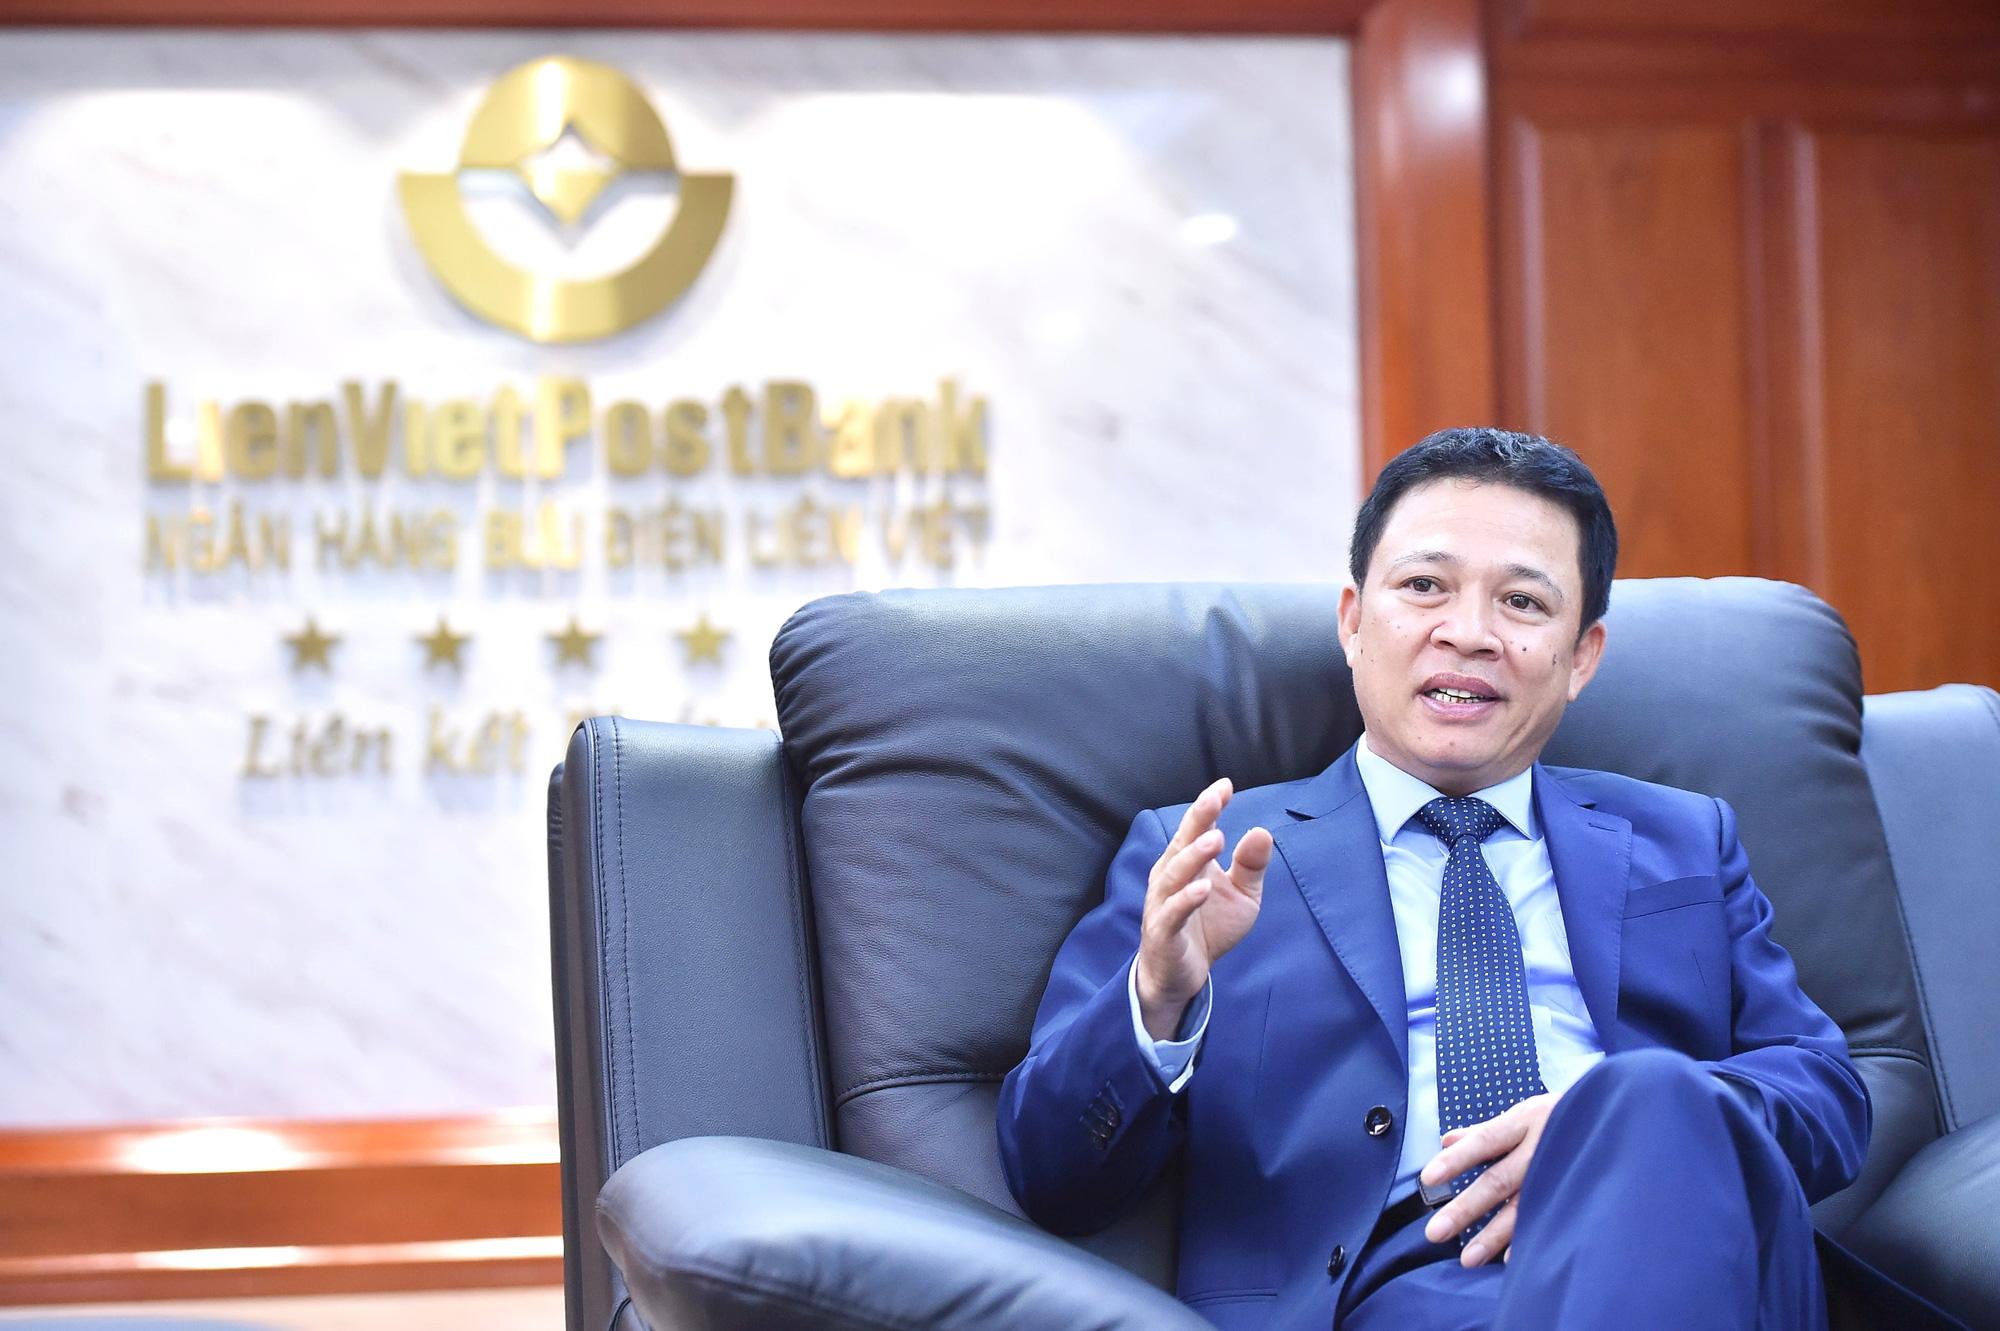 """Chọn lối đi riêng, CEO Phạm Doãn Sơn chia sẻ chiến lượng """"đi 2 chân"""" của LienVietPostBank - Ảnh 1."""